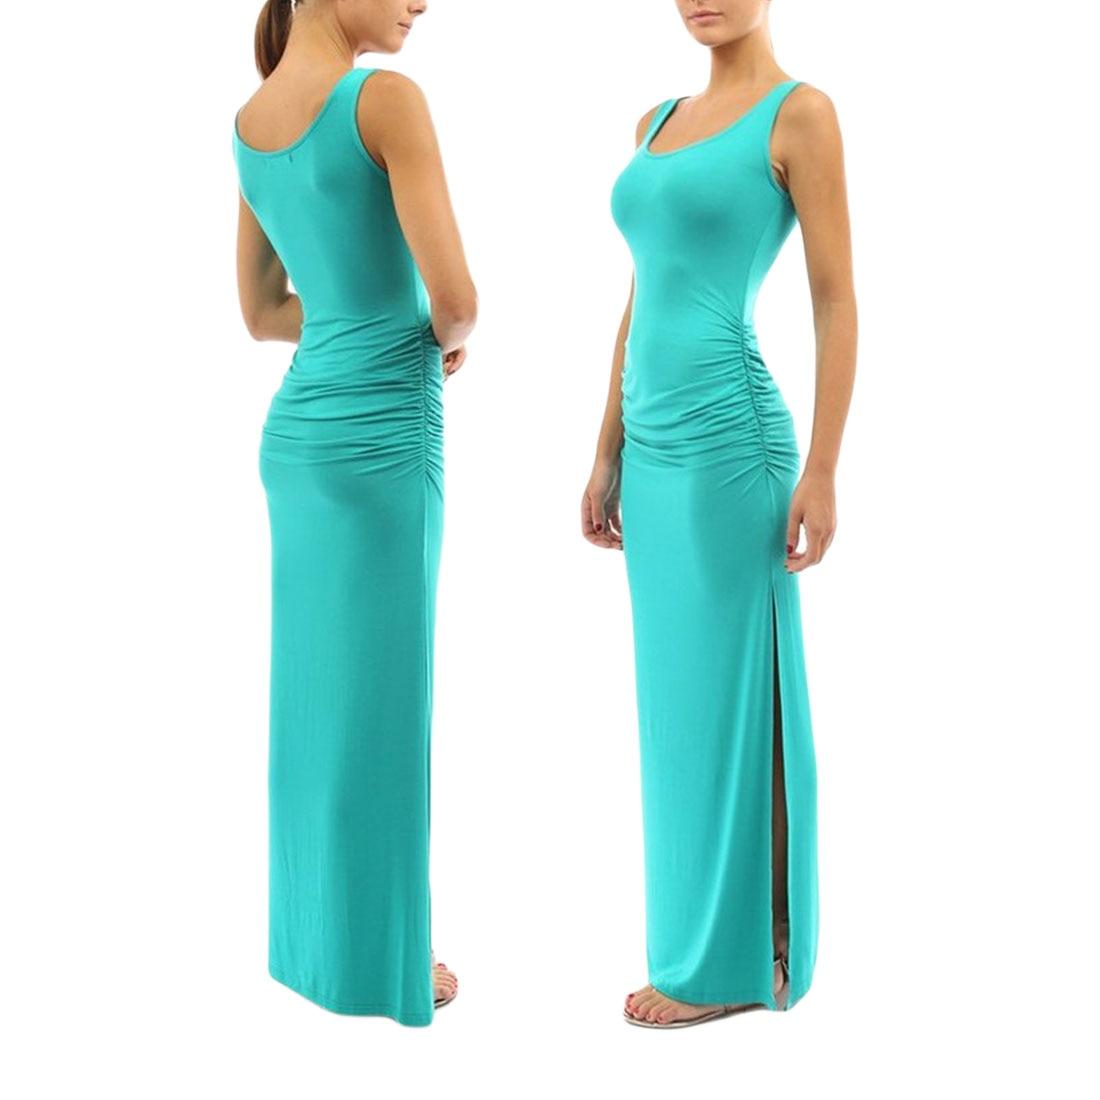 JIMMYHANK 2017 Women Summer Sleeveless O Neck Solid Wrinkled Bodycon Side Spilt Maxi Vest Dress